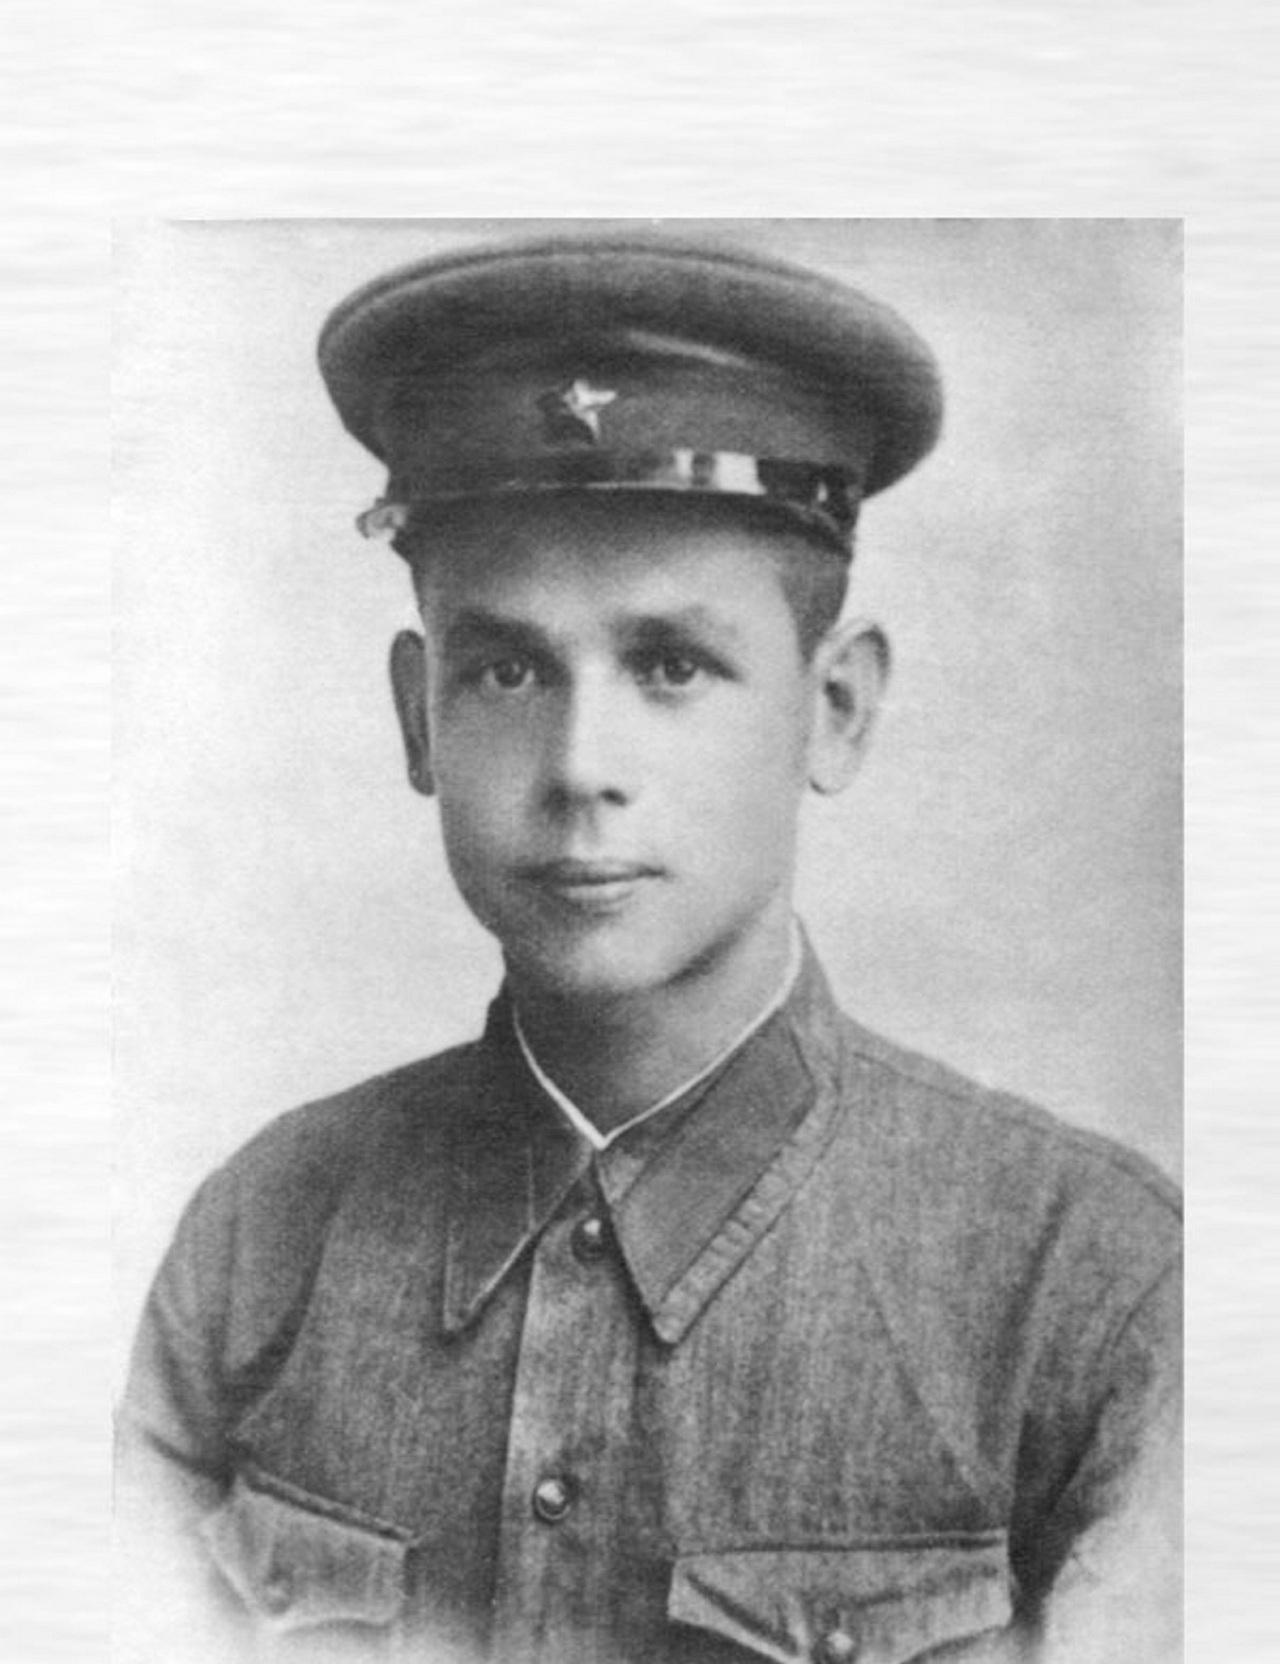 Стрелок 2-й заставы 17-го Брестского погранотряда ефрейтор Павел Капинос 22 июня 1941 года в течение десяти часов отбивал яростные атаки немецкой пехоты.